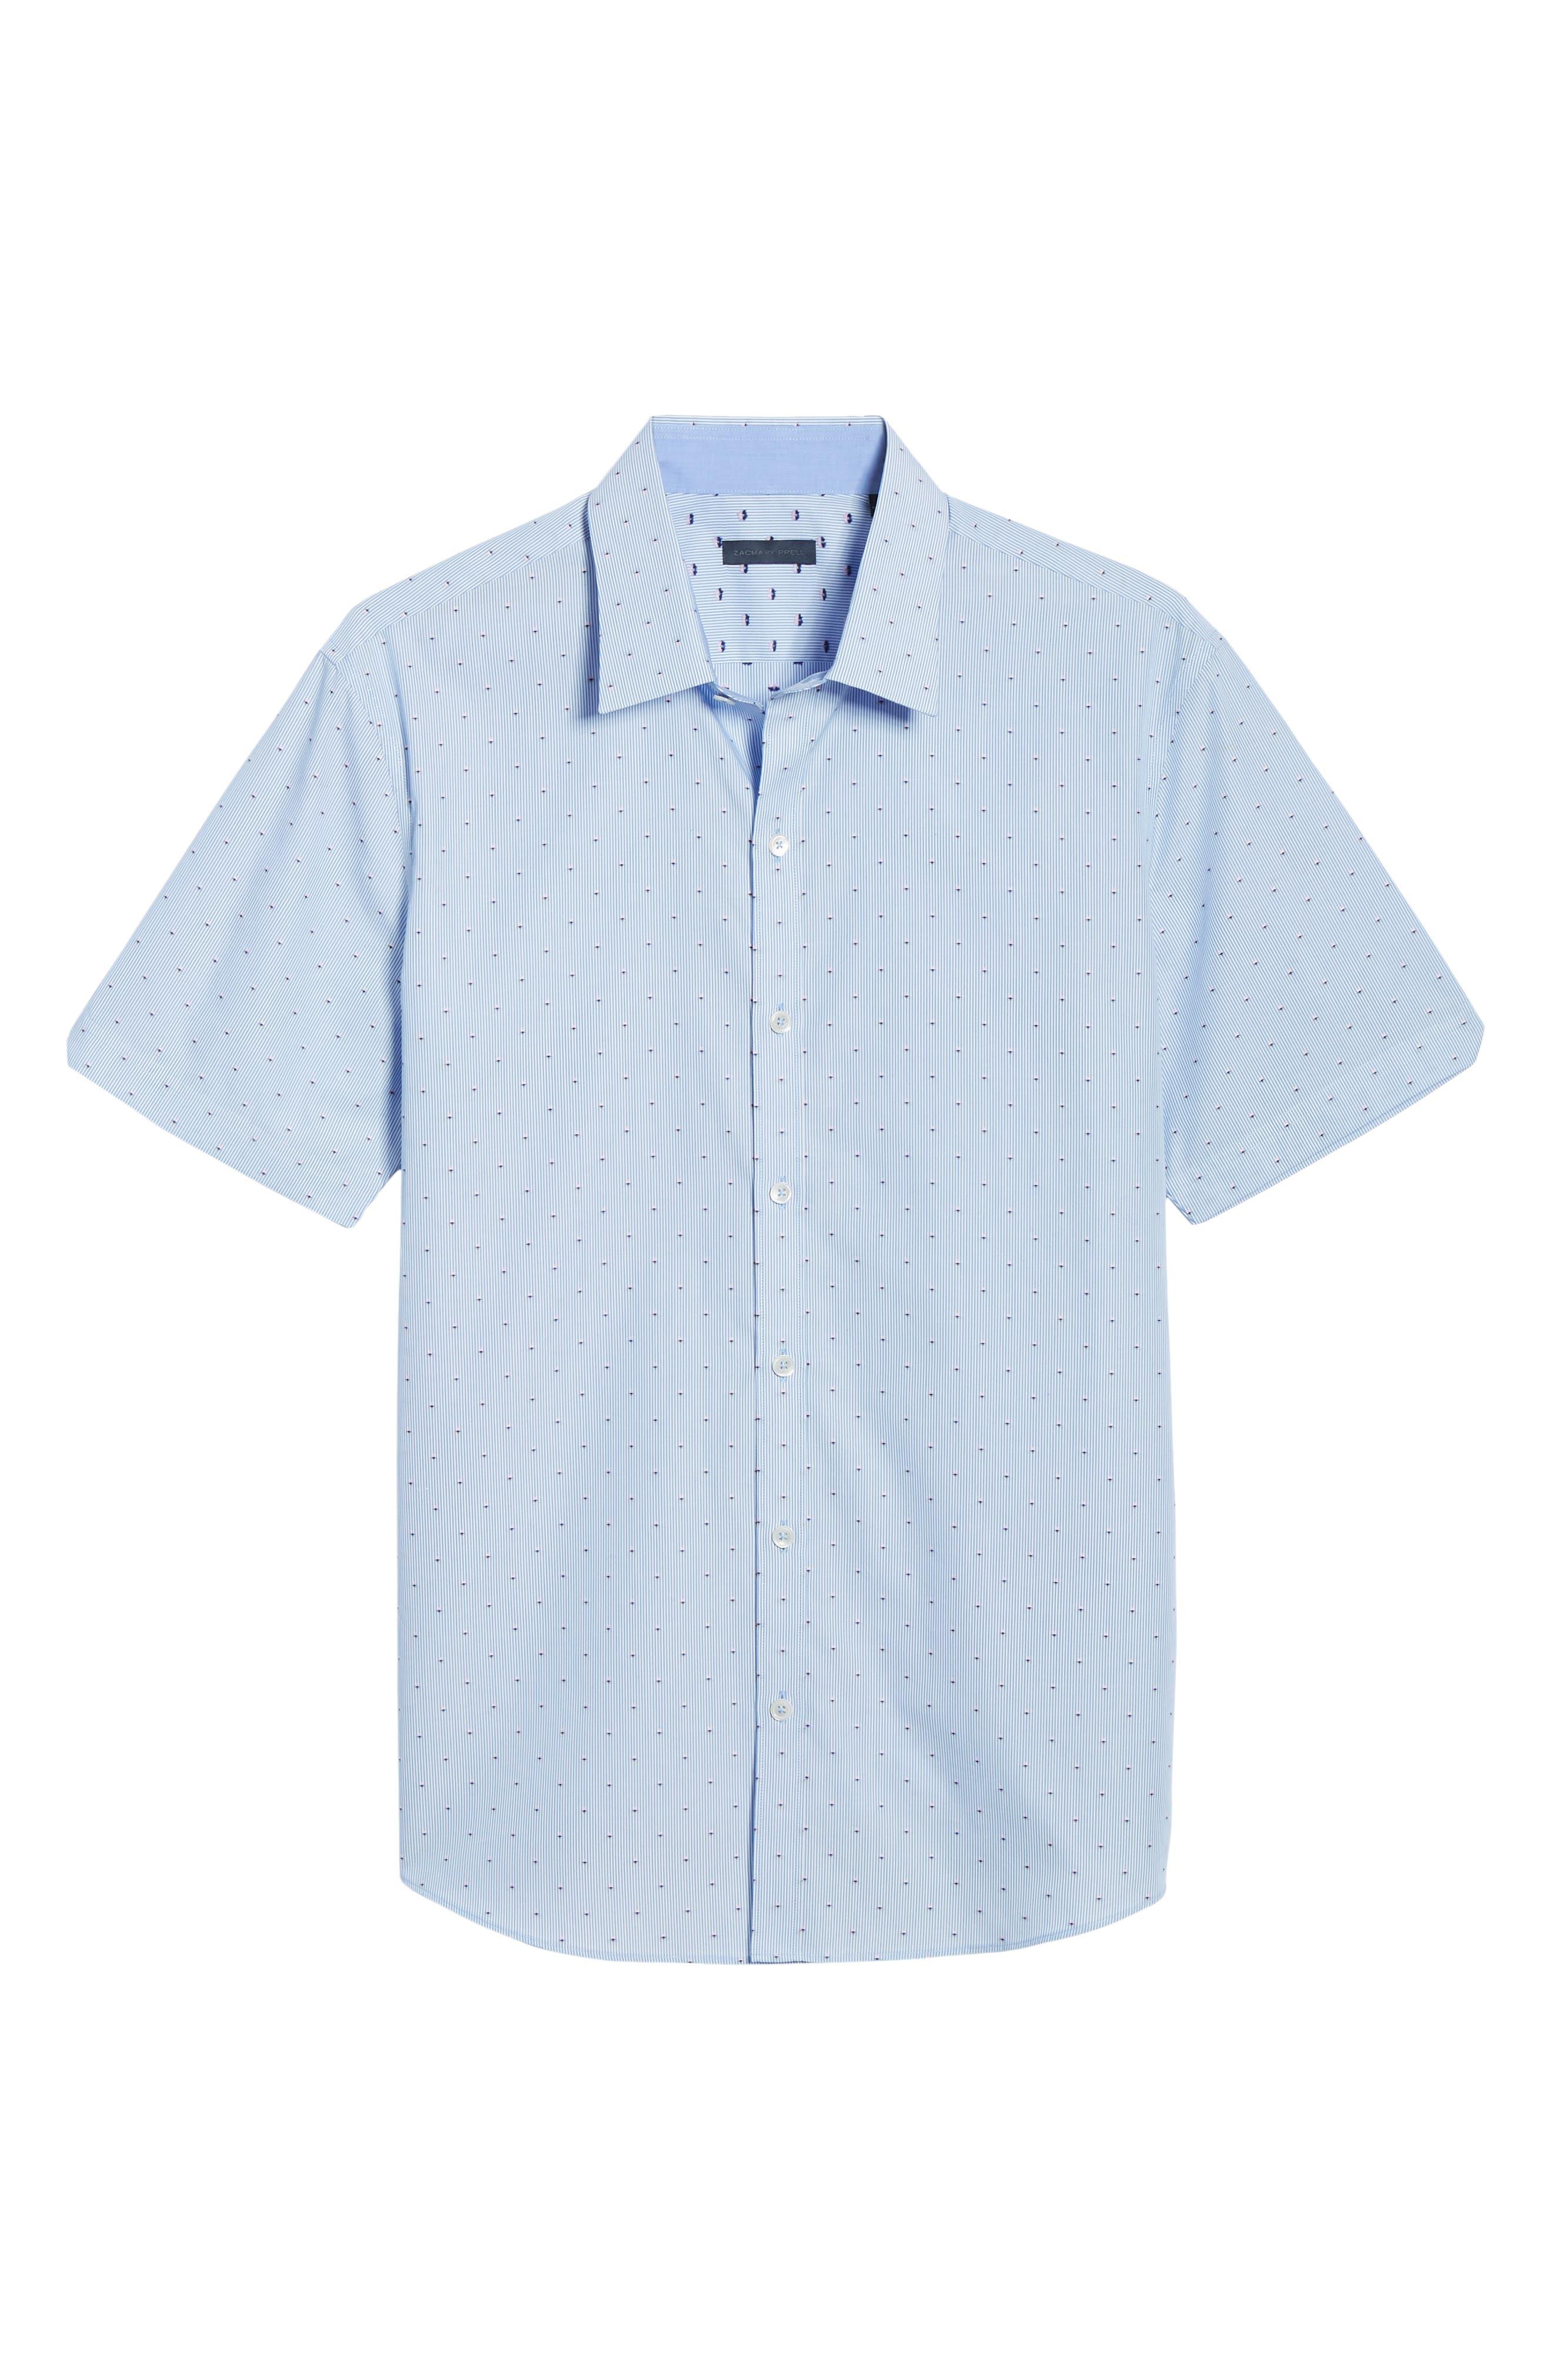 ZACHARY PRELL, Grogan Regular Fit Dobby Stripe Sport Shirt, Alternate thumbnail 5, color, BLUE